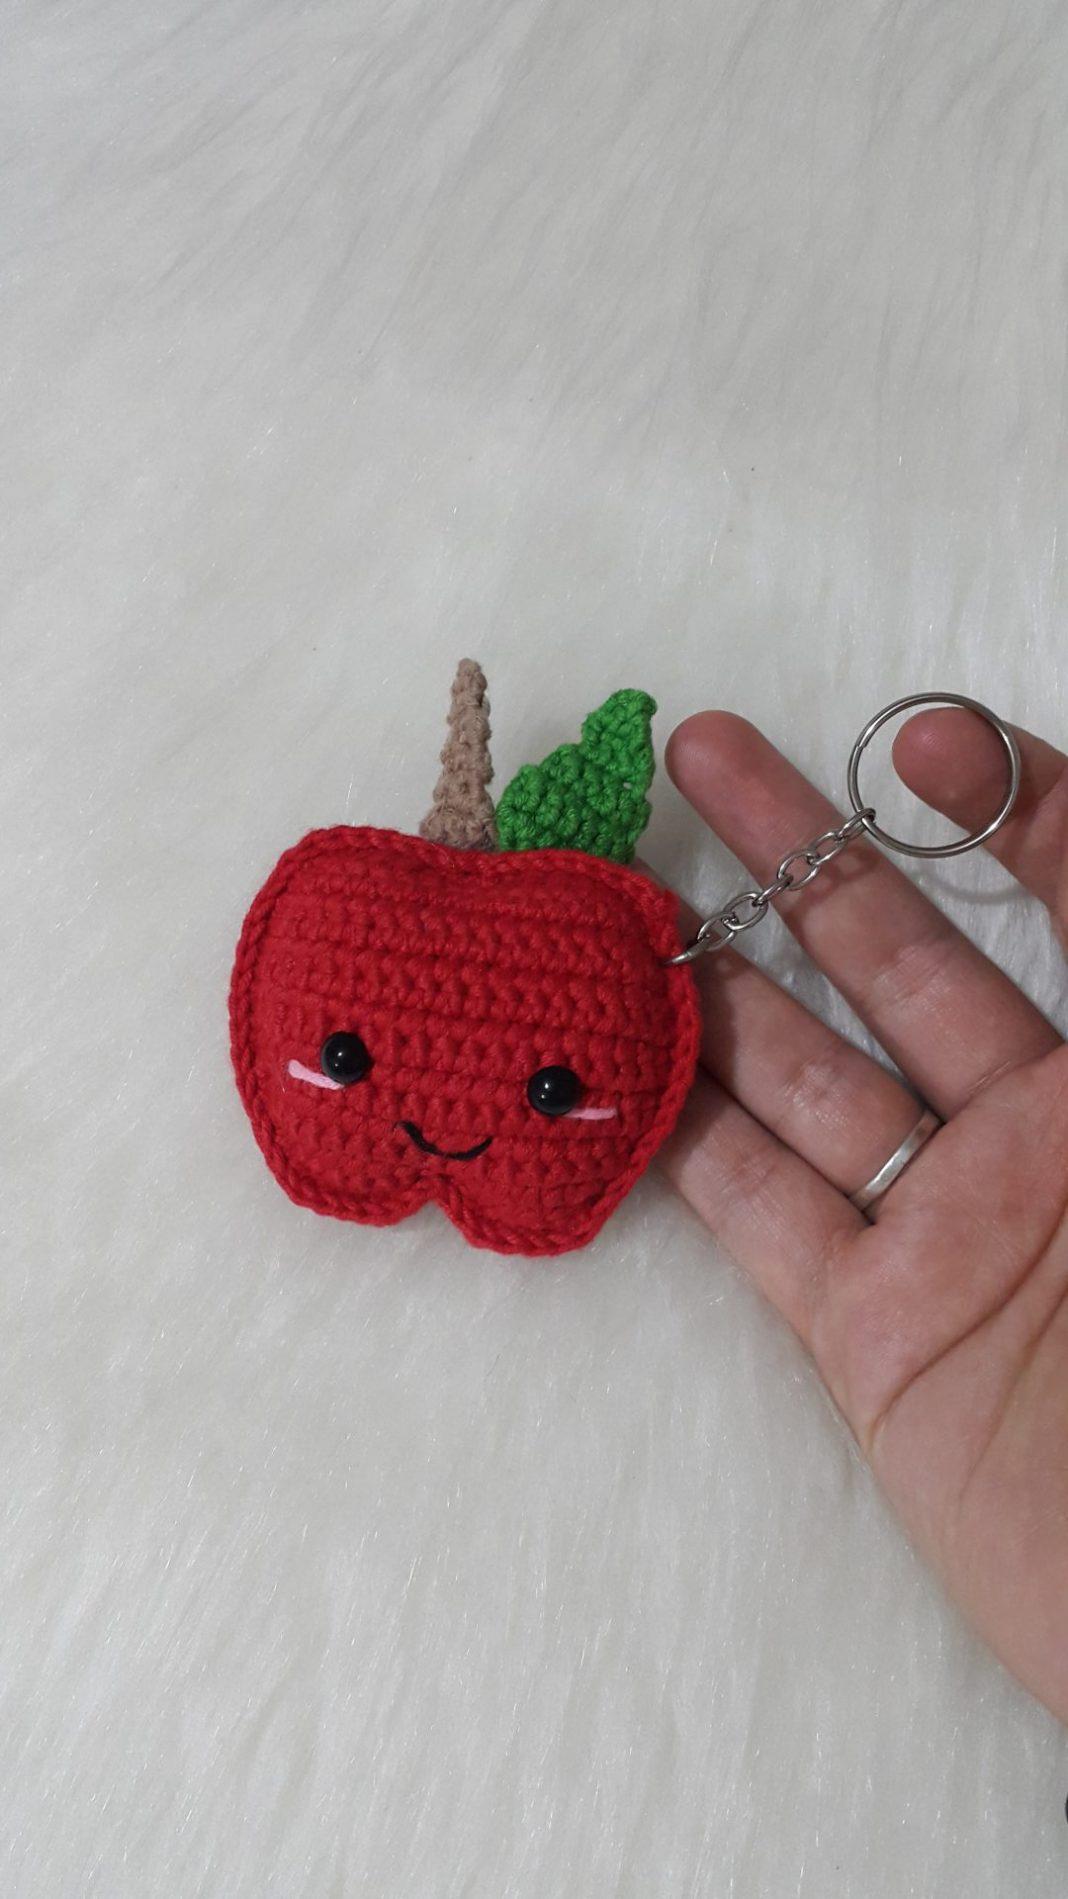 amigurumi-buyuk-sevimli-elma-anahtarlik-yapimi